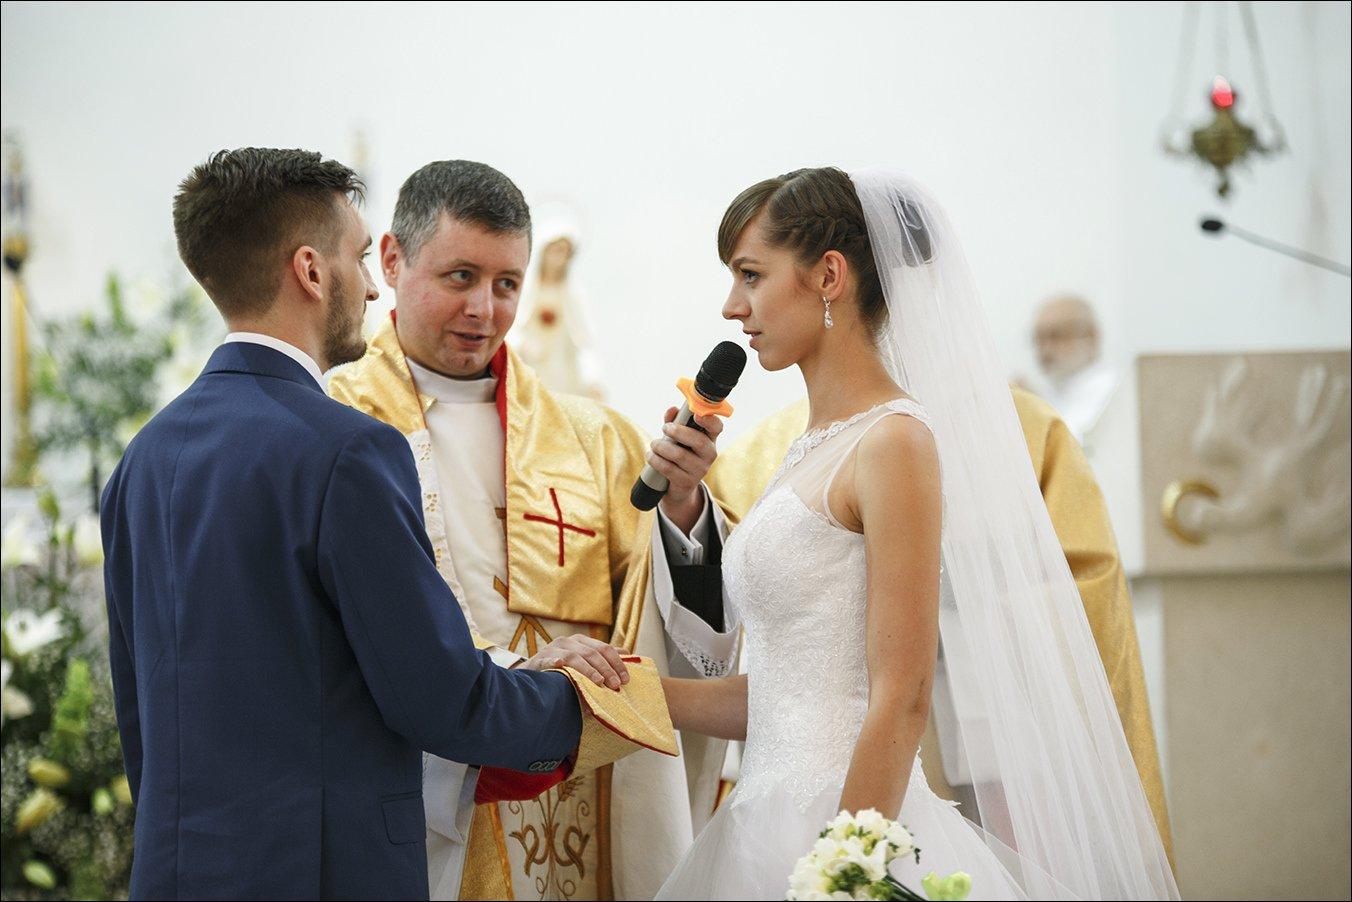 fotograf slub bielsko biala wirtuozeria aga daniel 41 - Wesele w Żywcu - AGNIESZKA & DANIEL